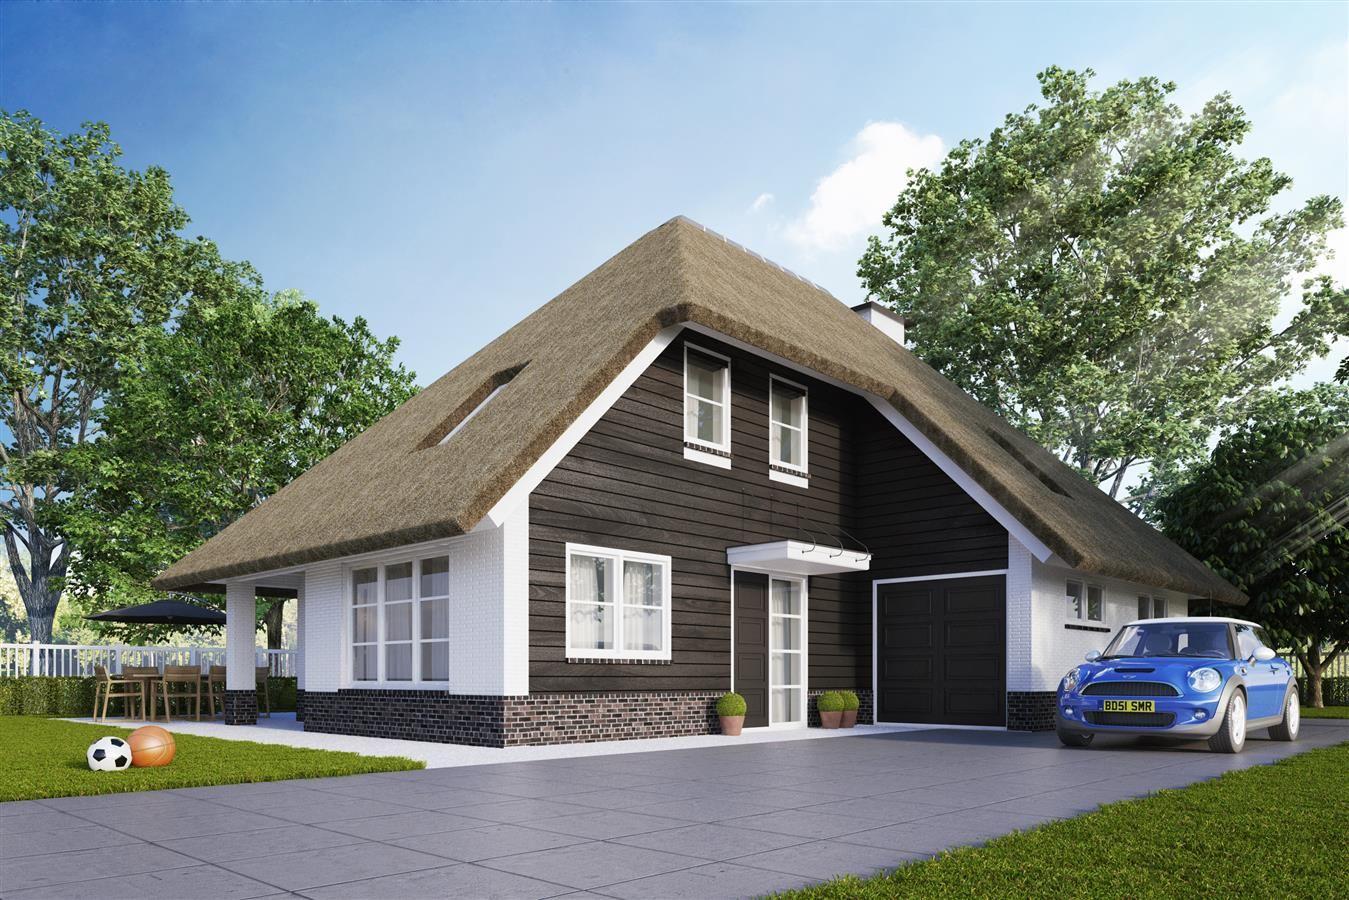 Landelijke huizen moderne met rieten kap google zoeken for Huizen architectuur